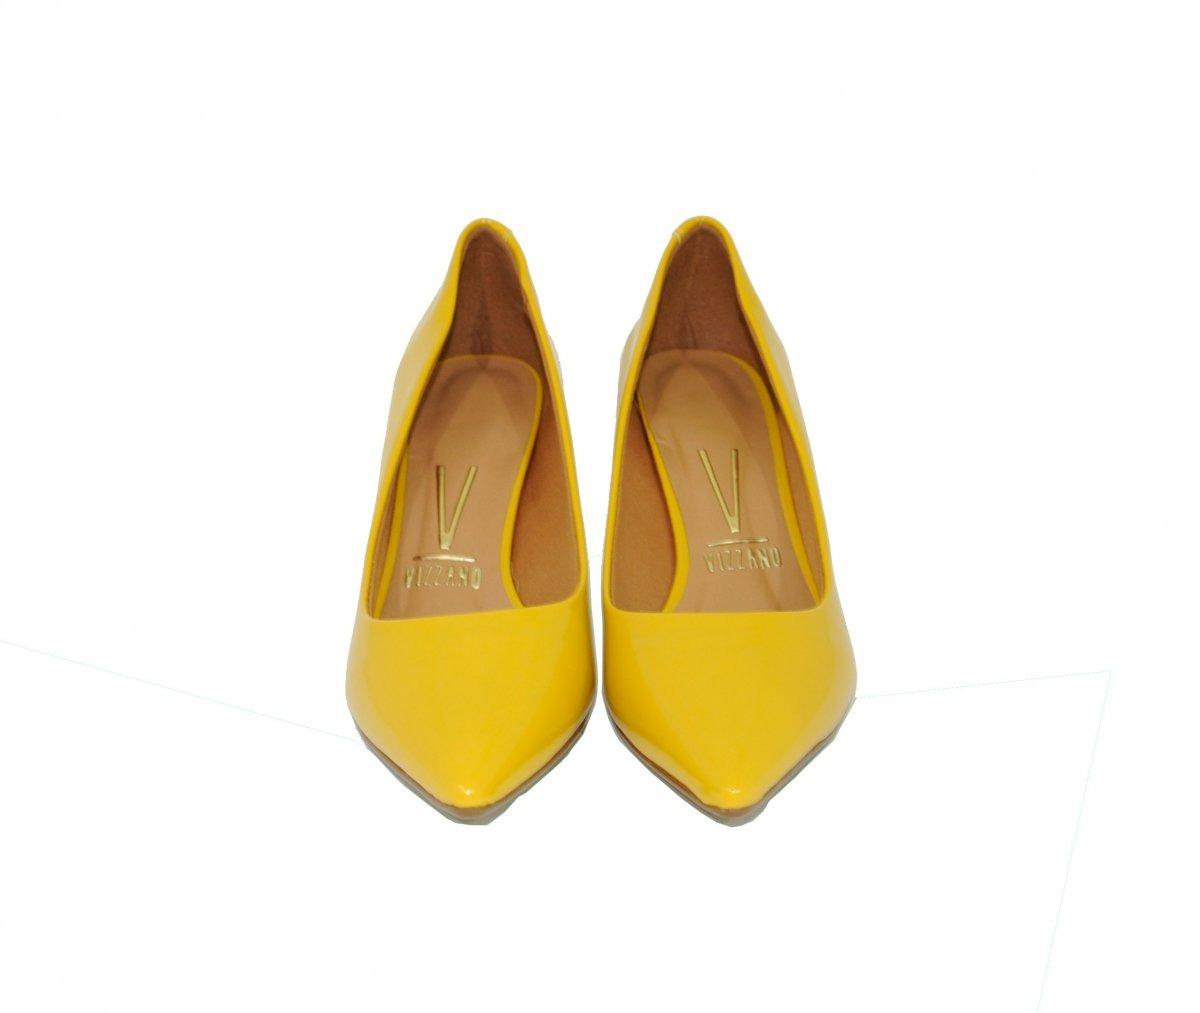 b3bb9513b scarpin vizzano amarelo salto médio bico fino verniz. Carregando zoom.